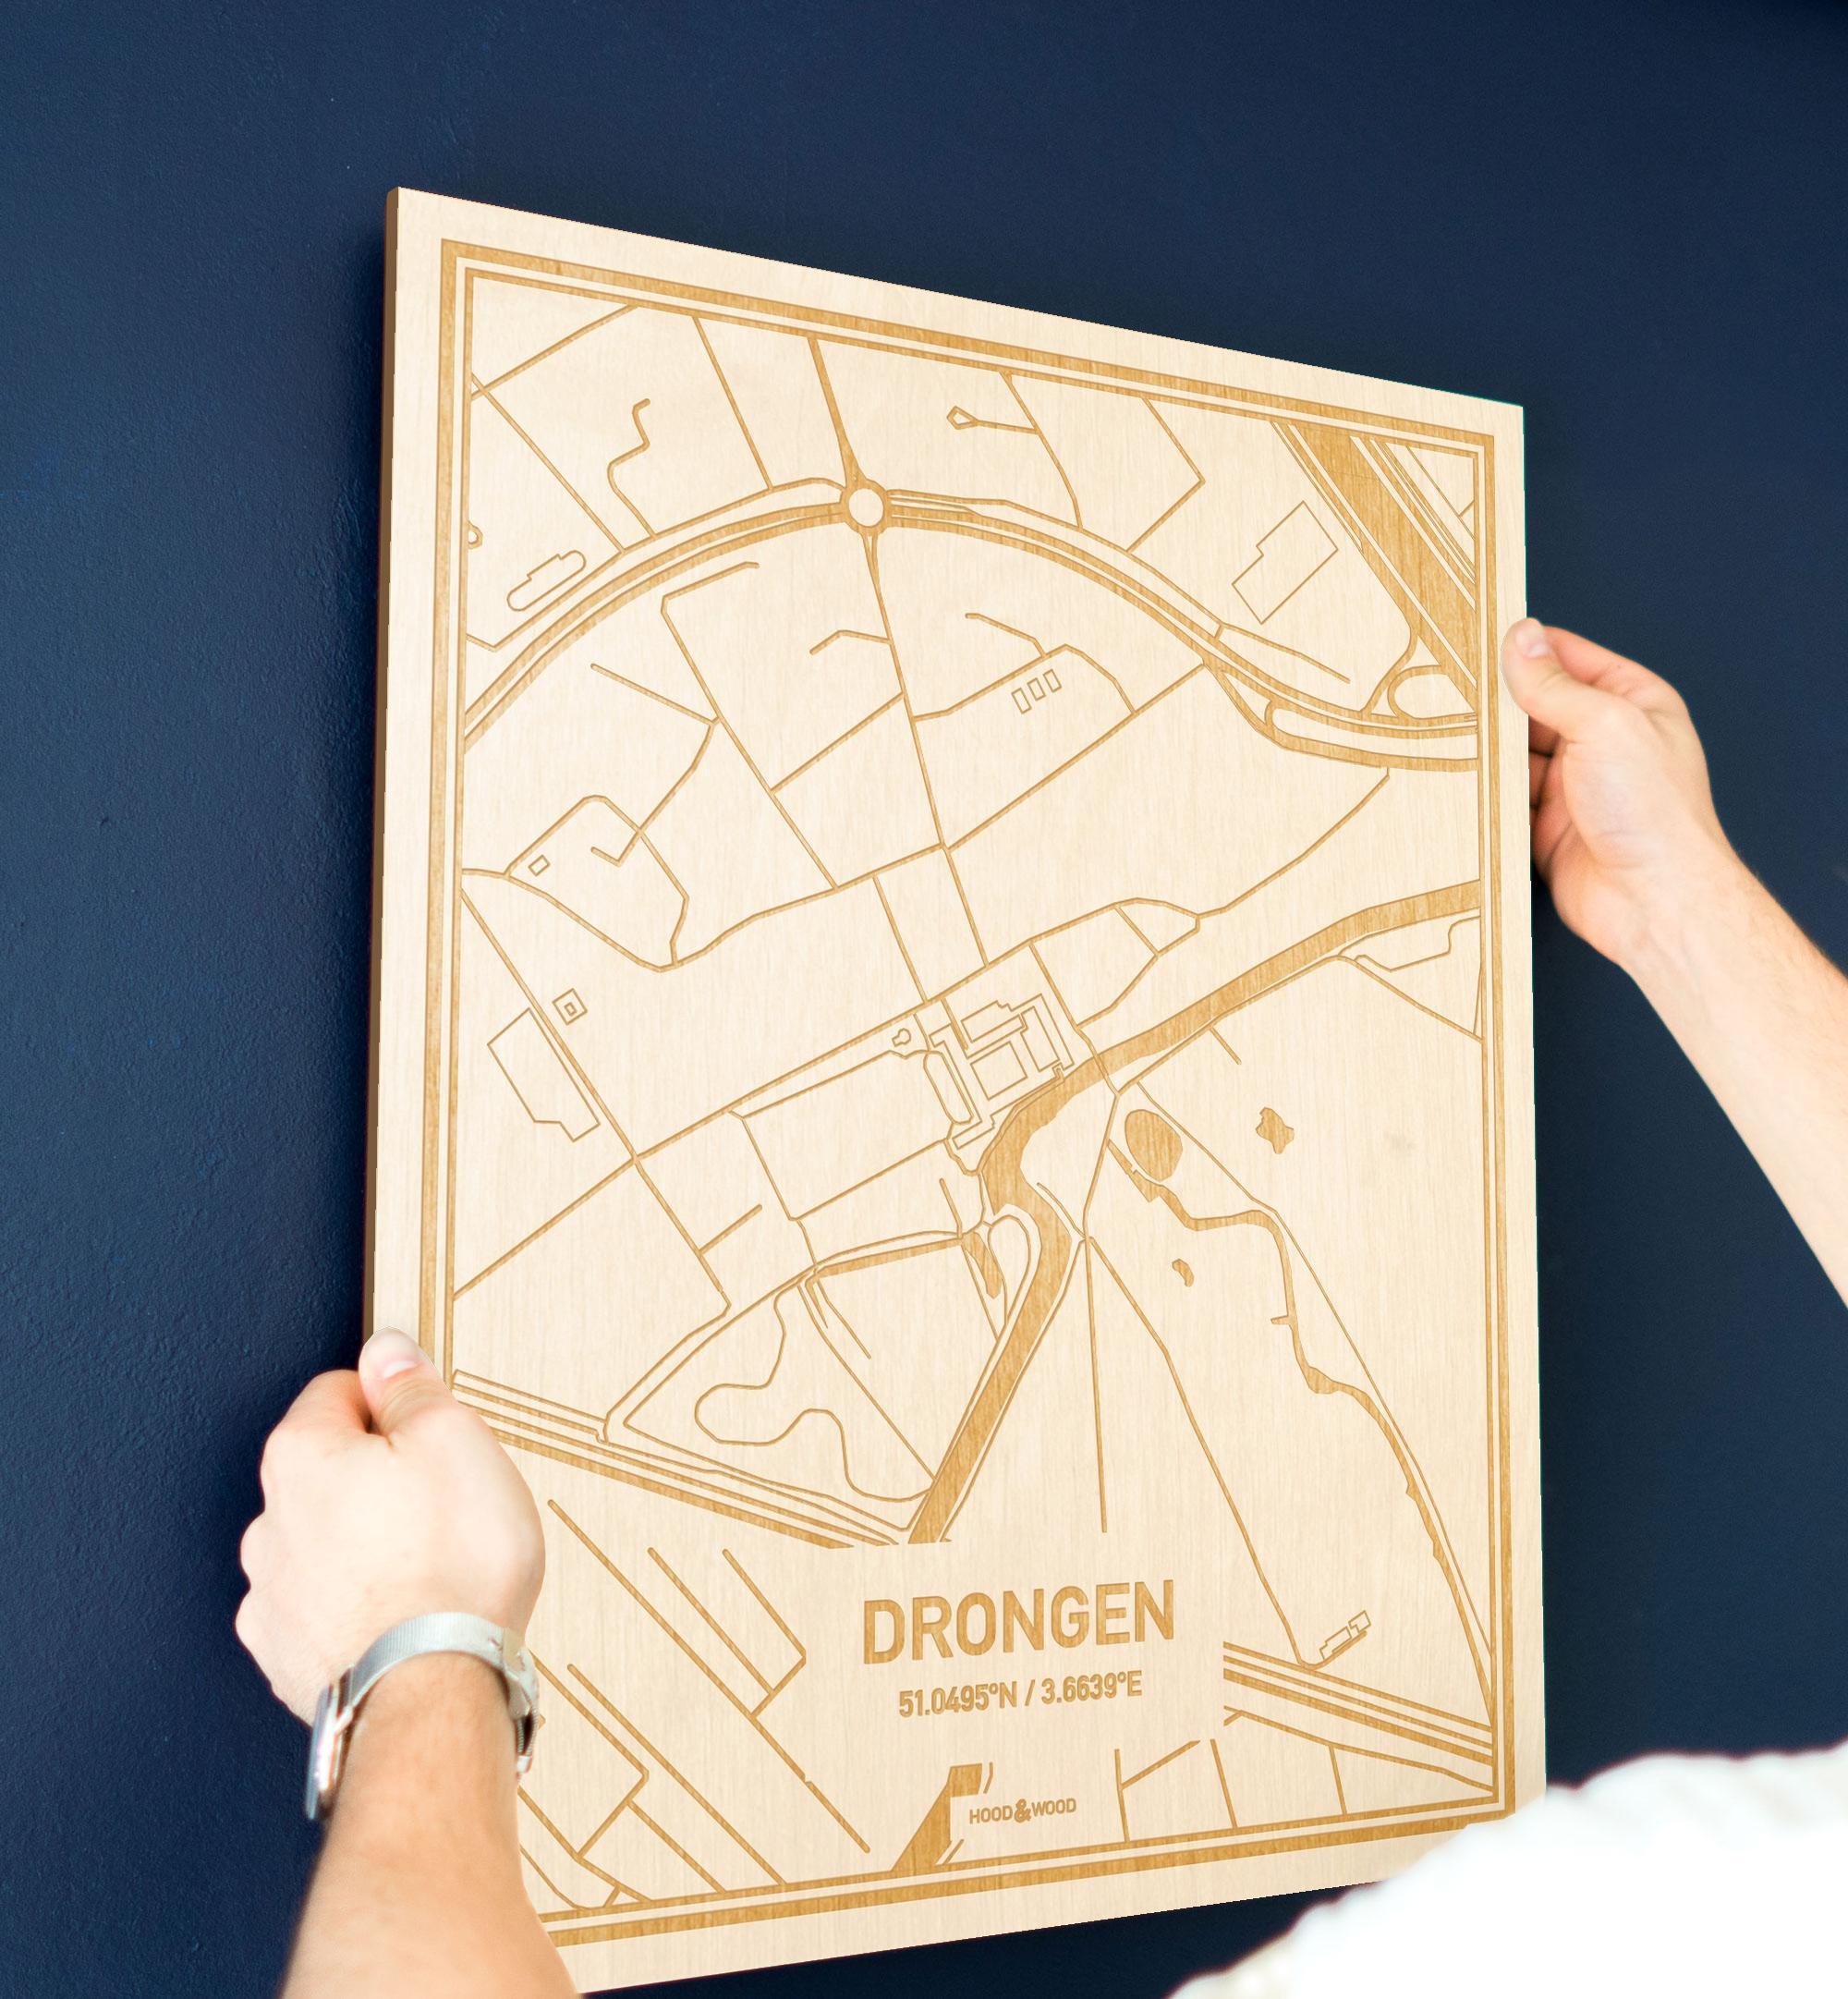 Een man hangt de houten plattegrond Drongen aan zijn blauwe muur ter decoratie. Je ziet alleen zijn handen de kaart van deze unieke in Oost-Vlaanderen  vasthouden.